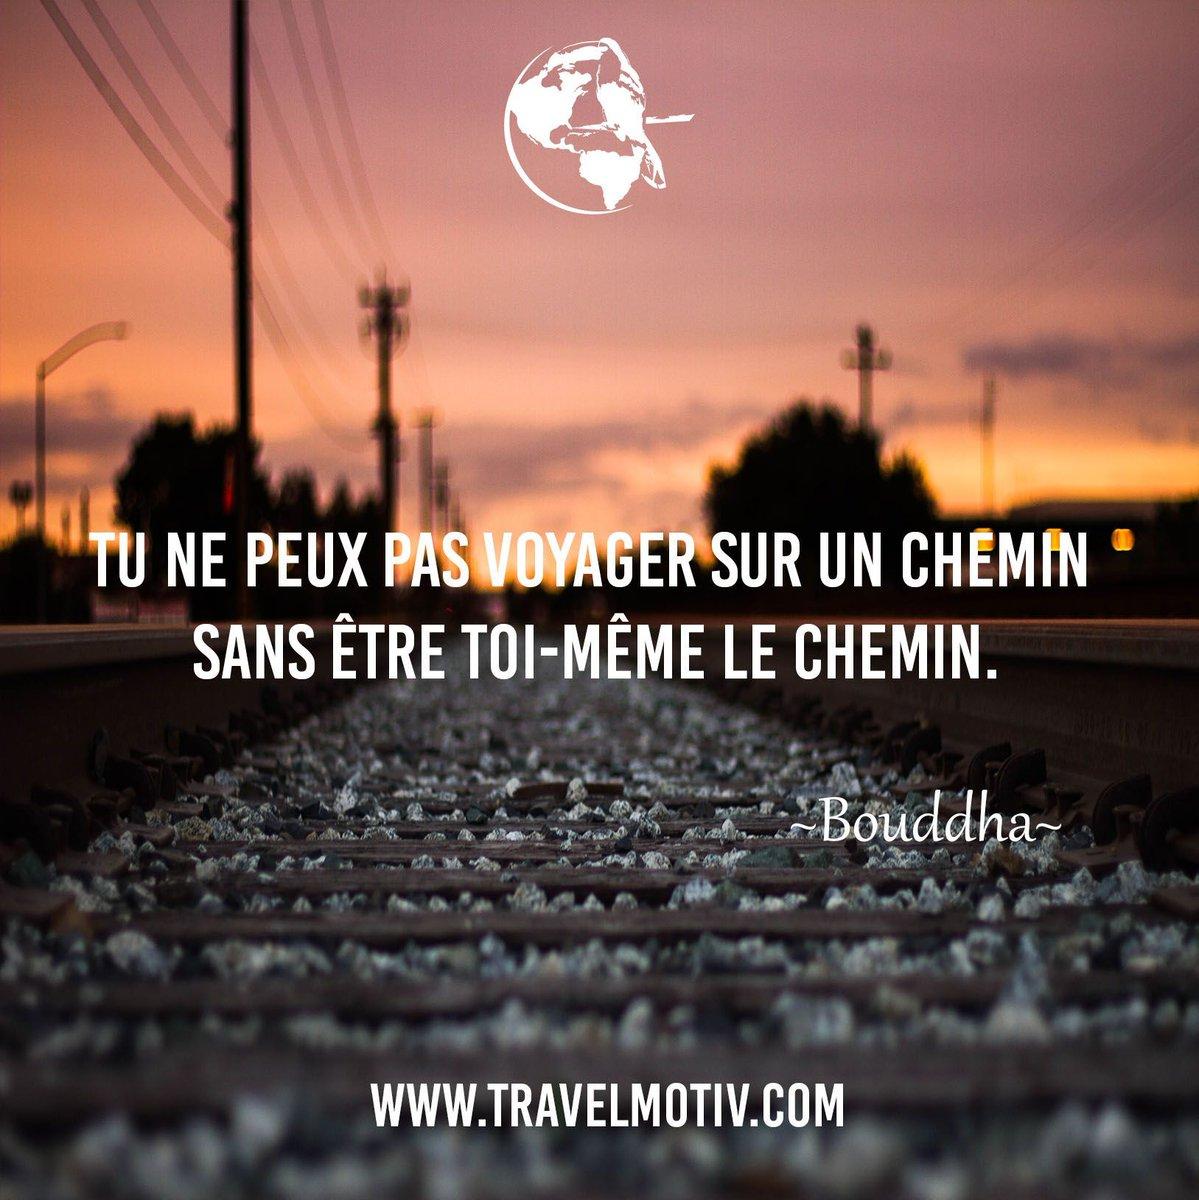 Tu ne peux pas voyager sur un chemin sans être toi-même le chemin.   http://www. travelmotiv.com  &nbsp;   #voyage #motivation <br>http://pic.twitter.com/PUFiyTUKU0